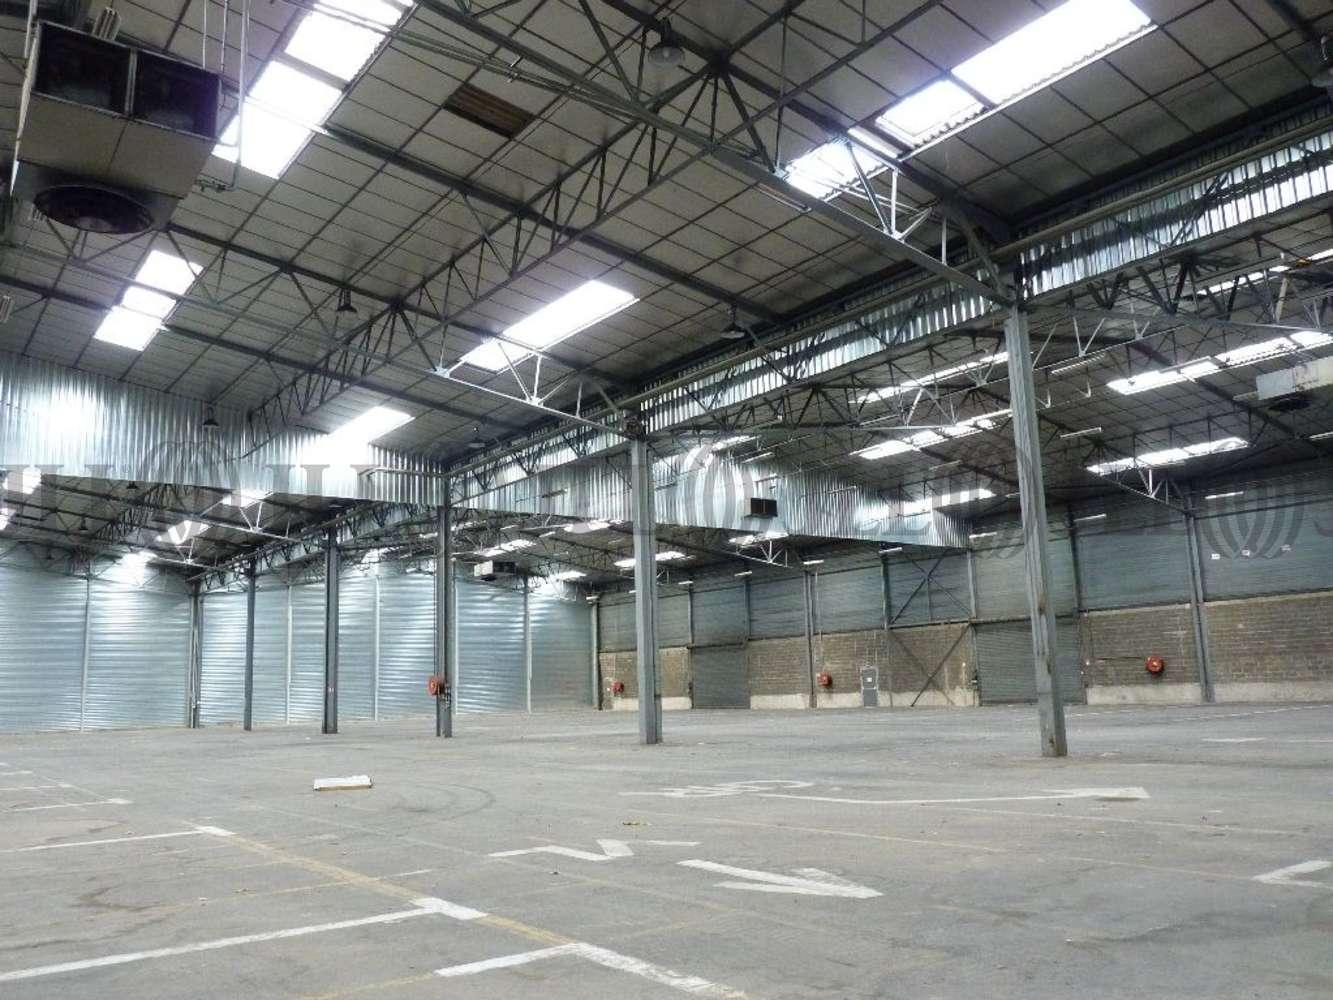 Activités/entrepôt Arnas, 69400 - Location entrepôt Lyon - Transporteur - 9920250